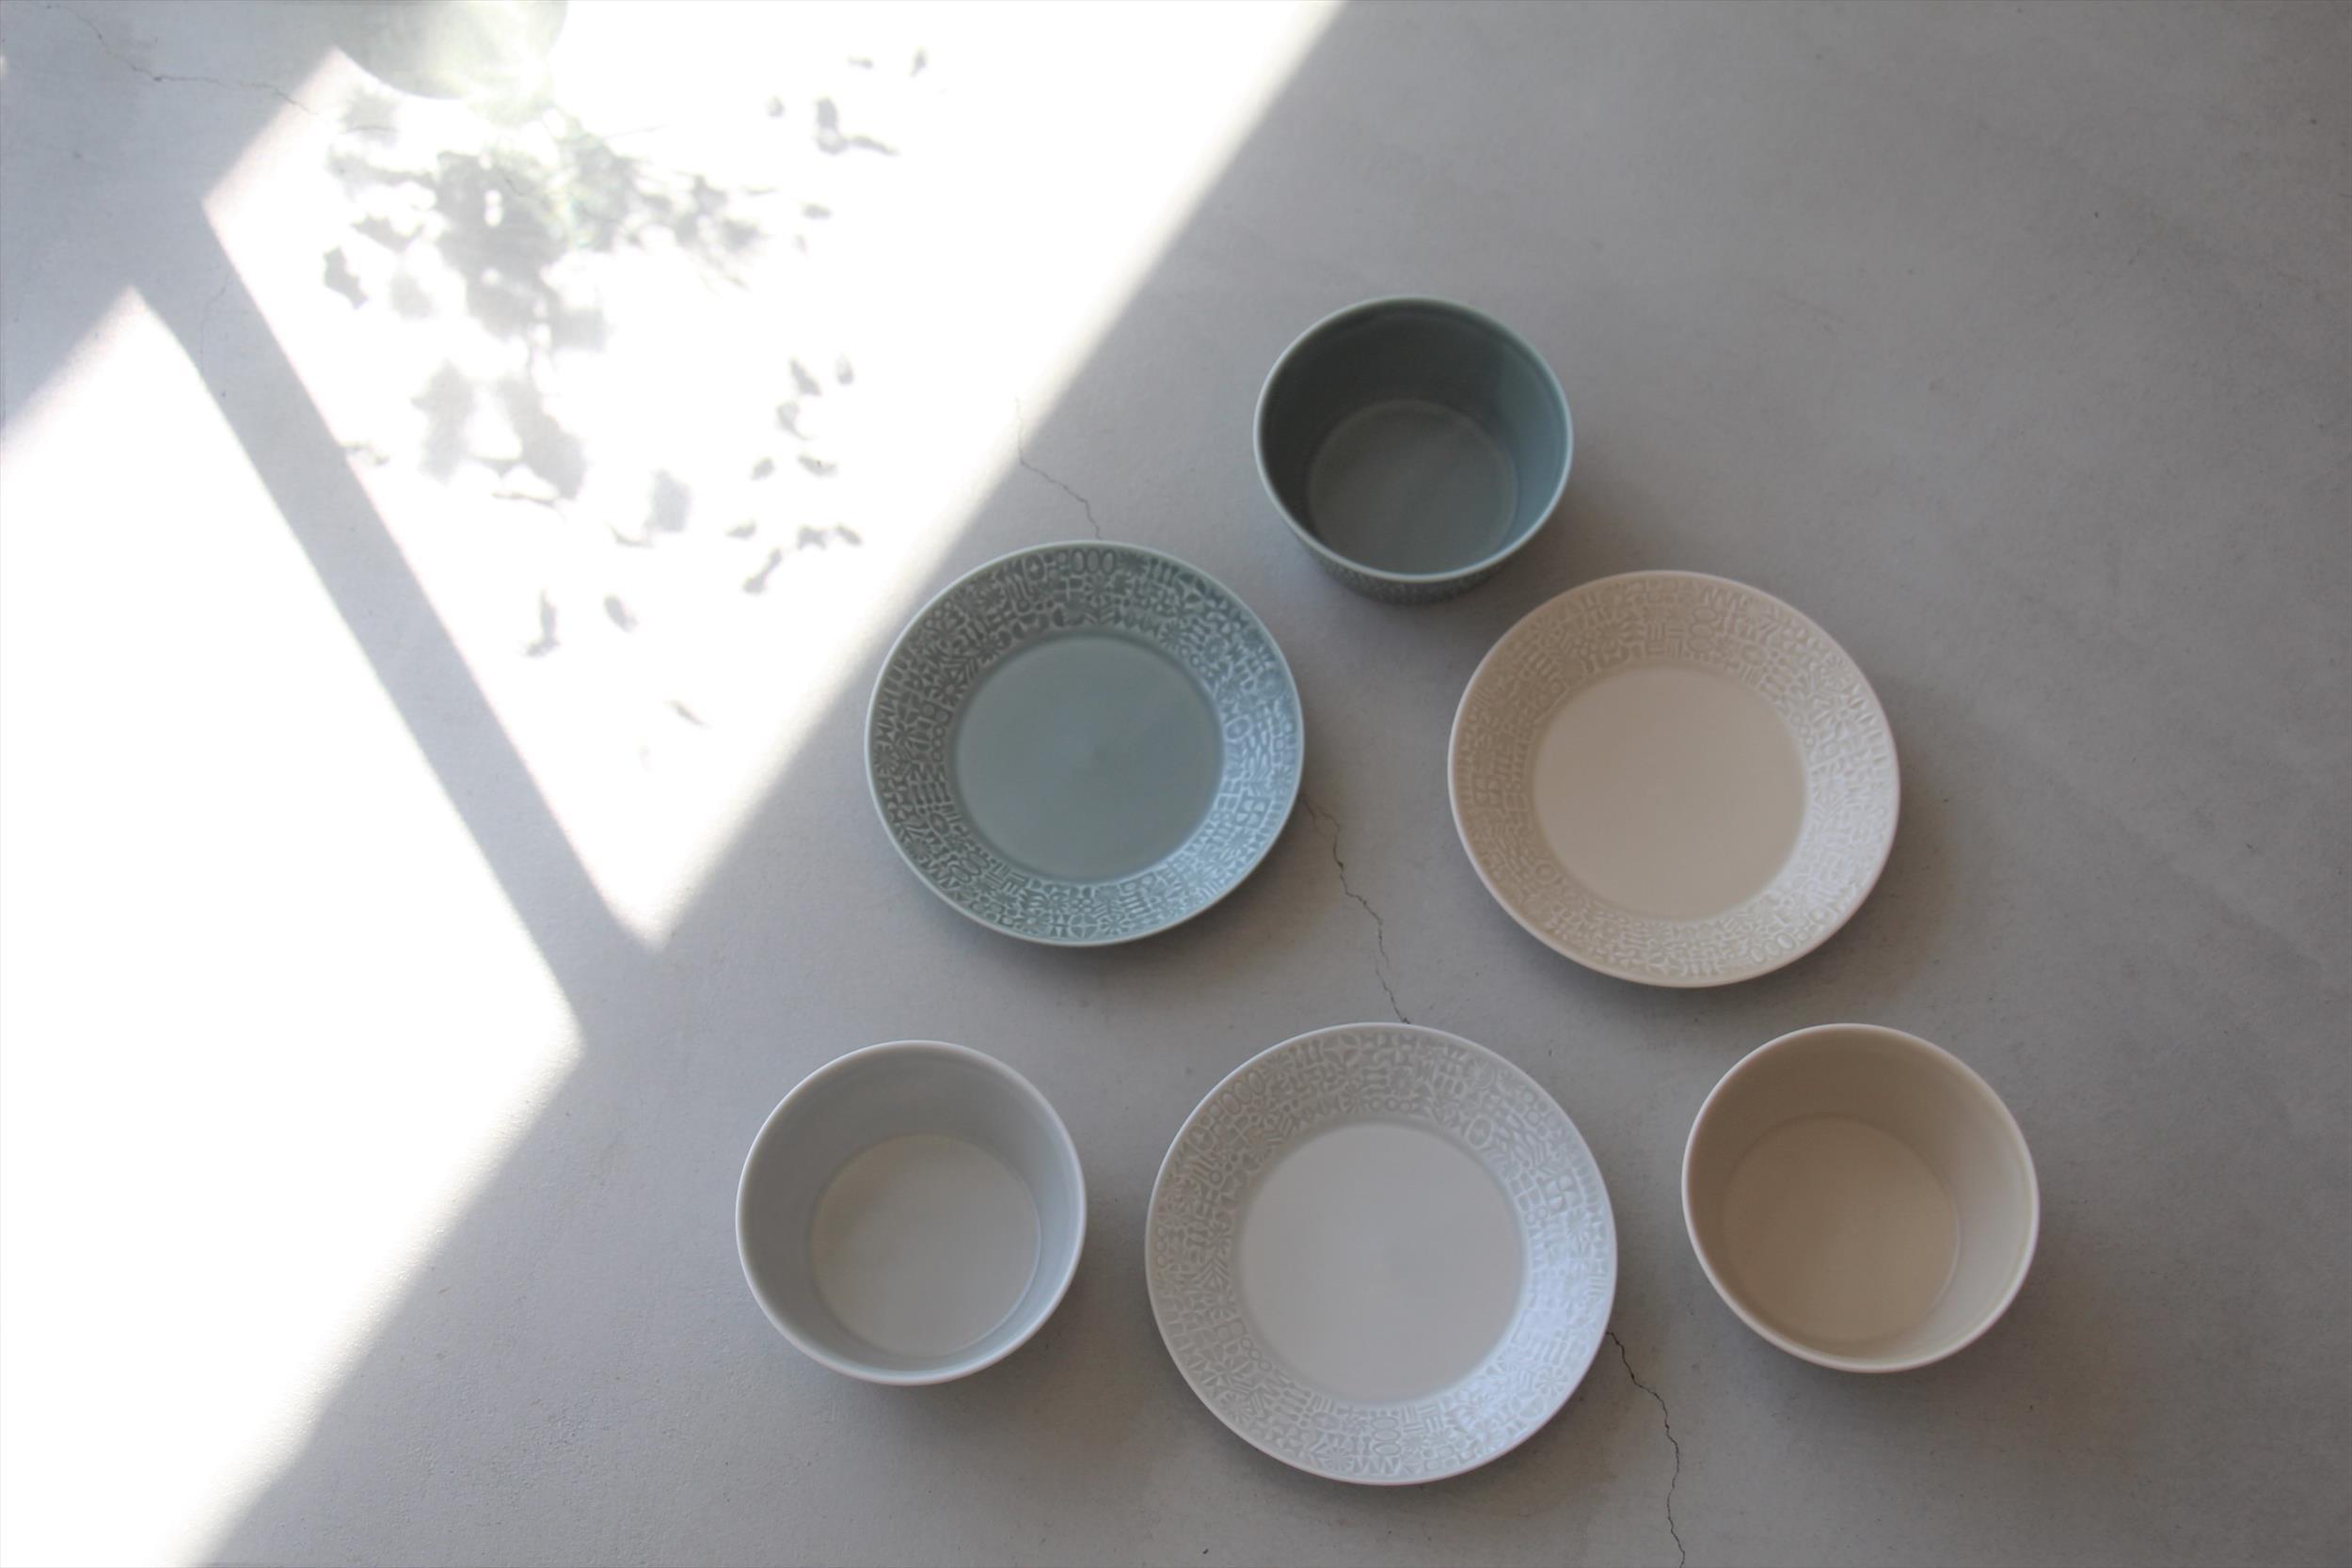 パステルカラーのお皿たち_b0165512_15014471.jpg